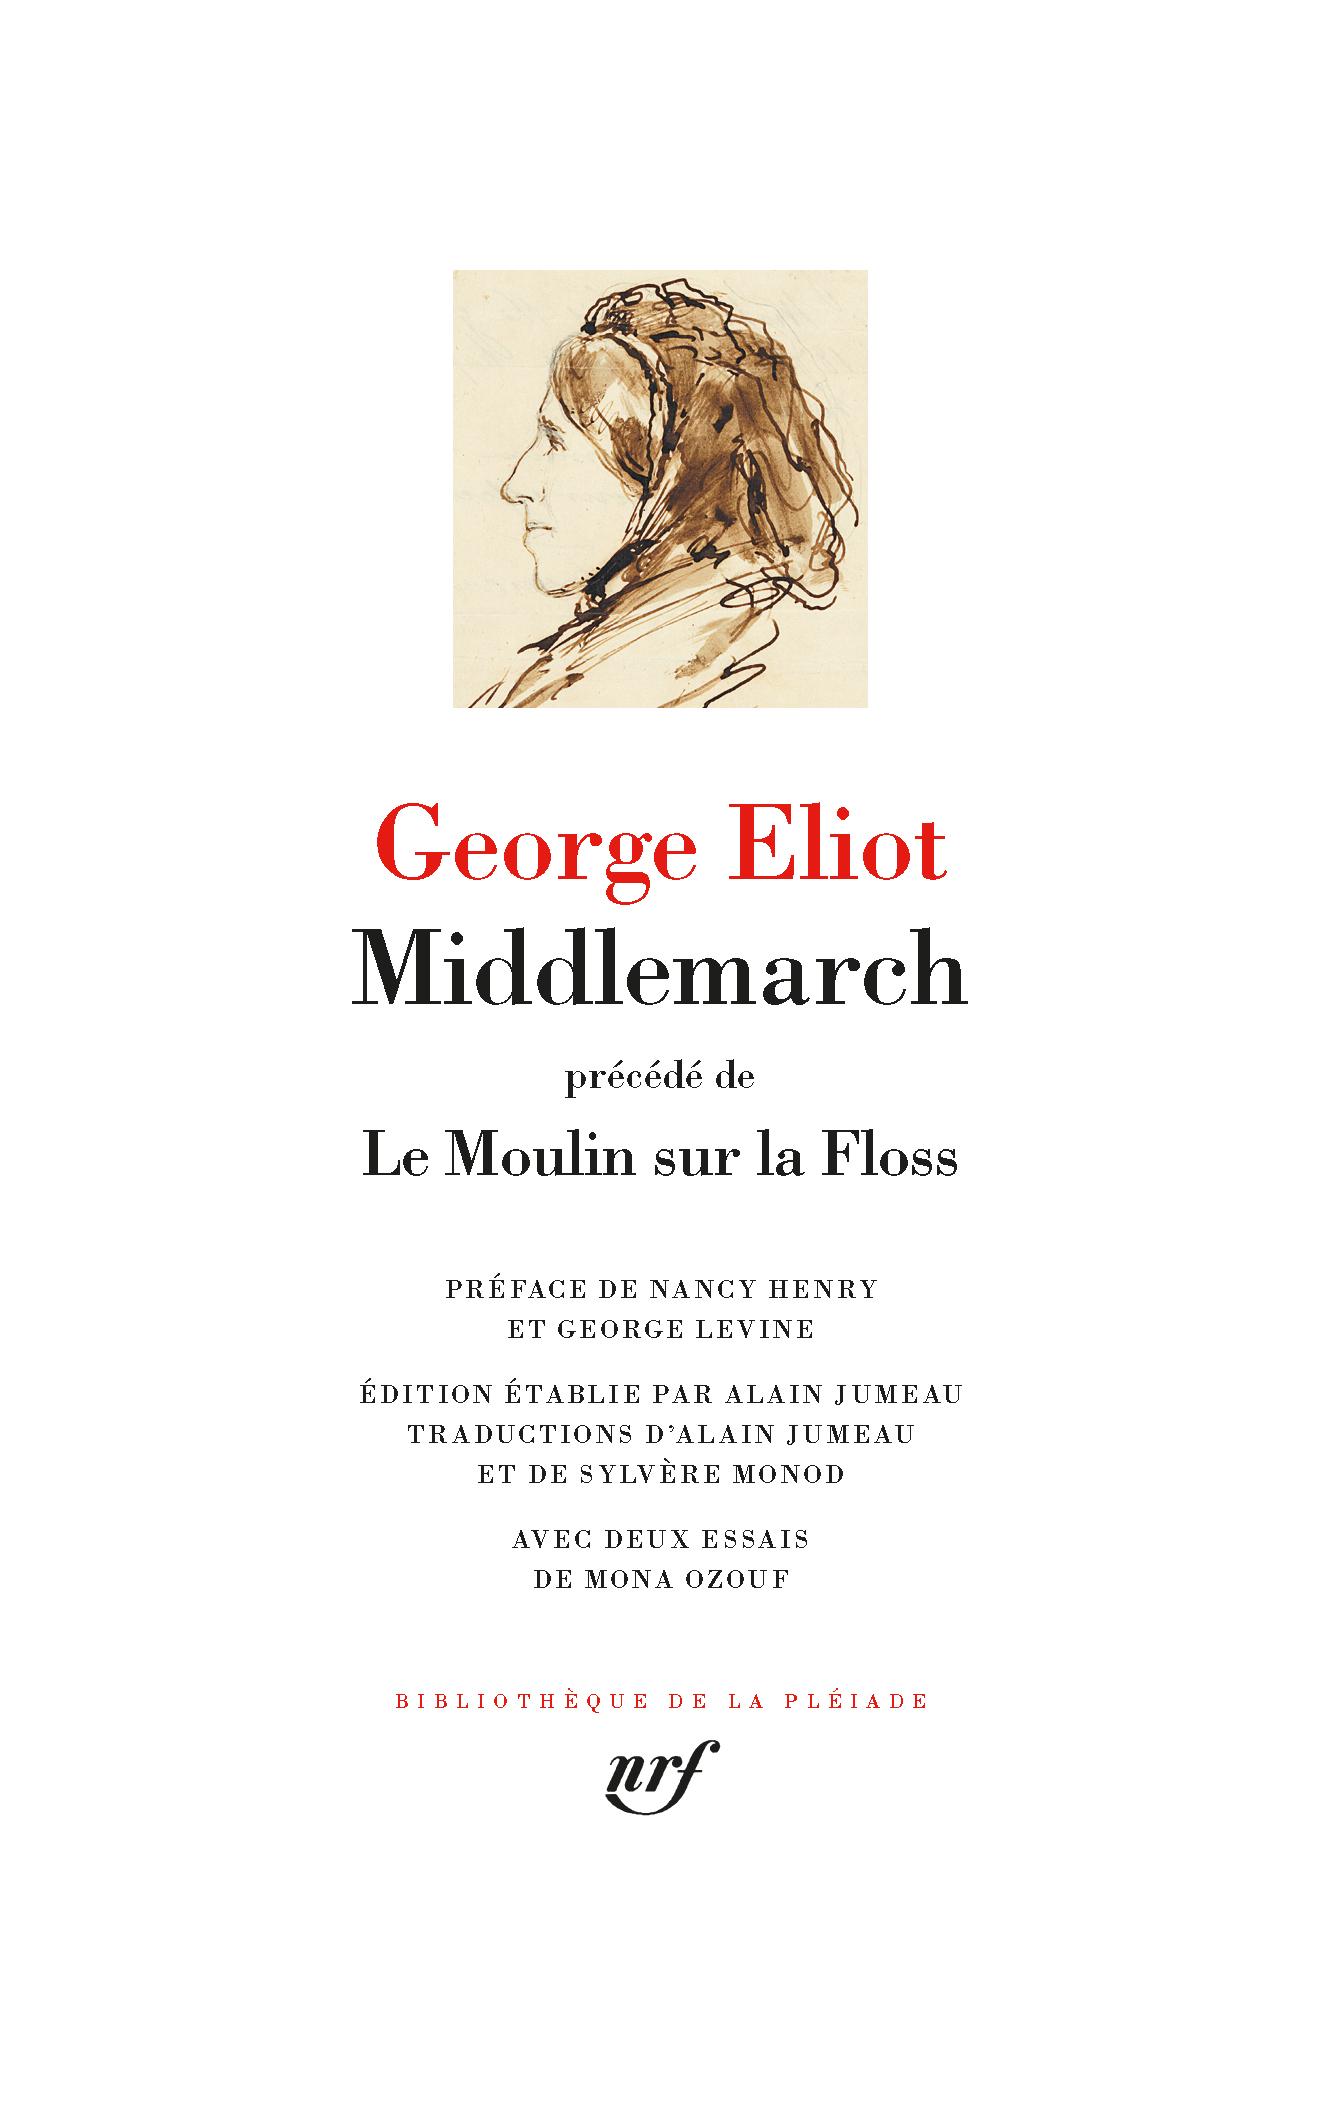 G. Eliot, Middlemarch, précédé de Le Moulin sur la Floss